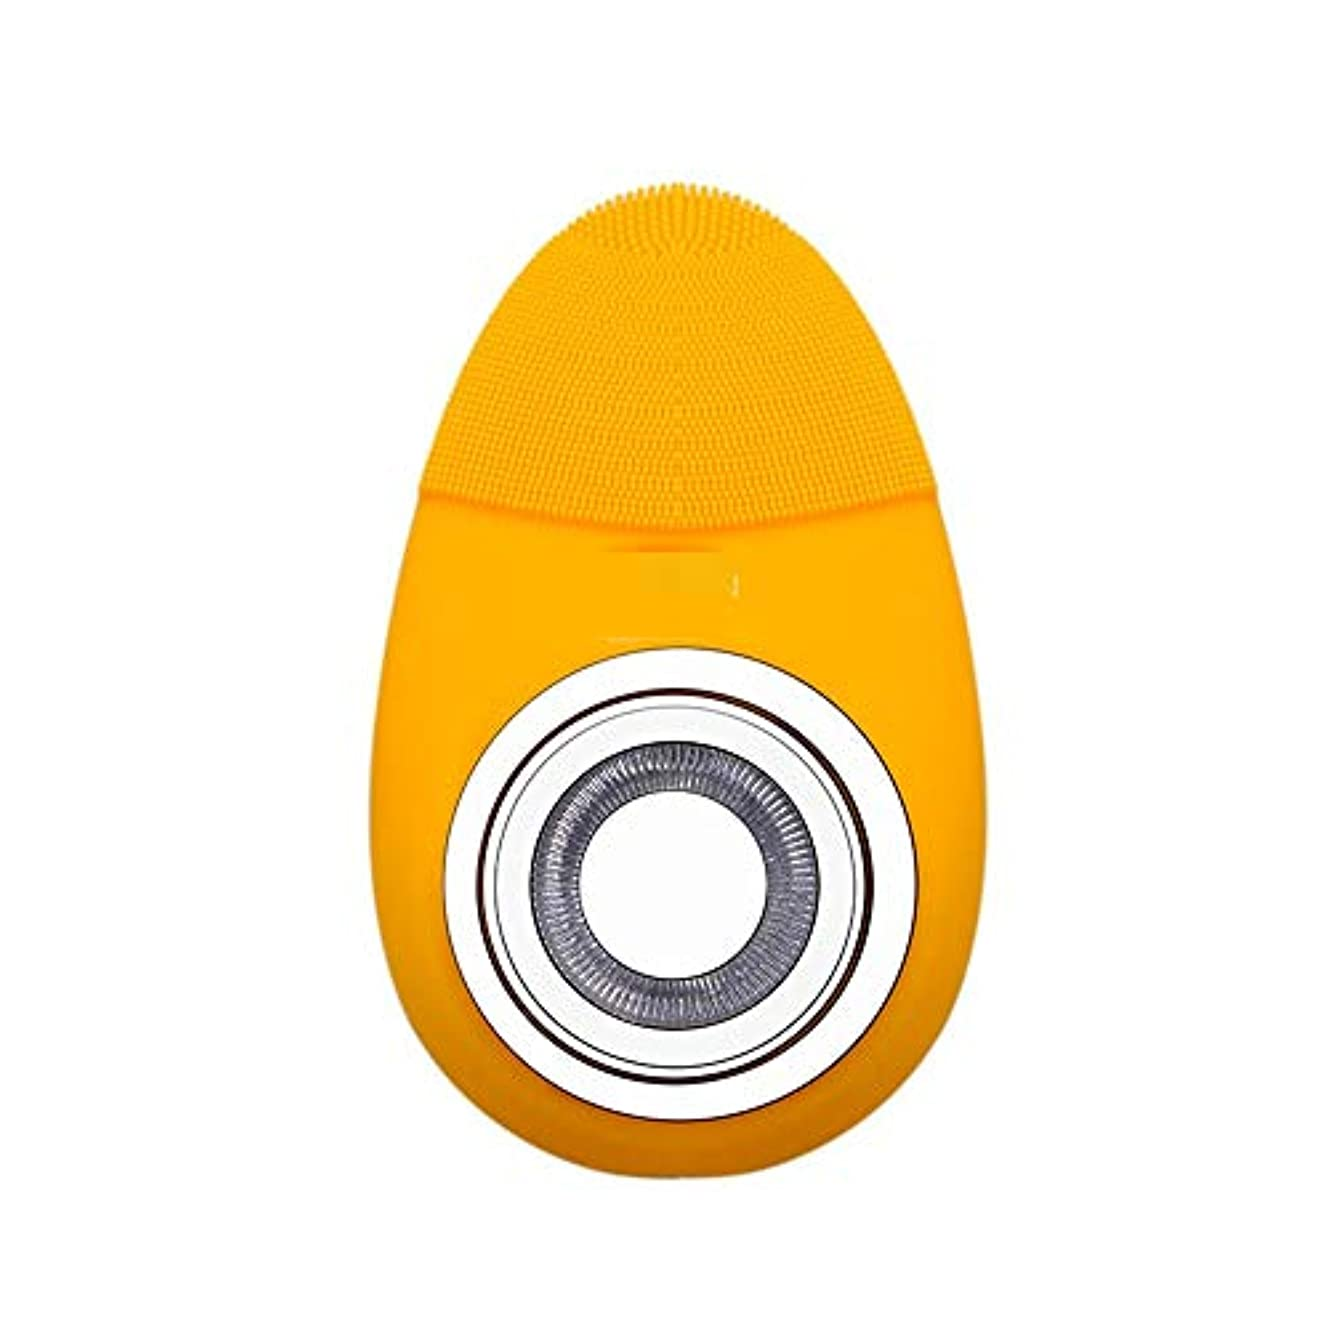 信仰ジャズ羊LYgMV 多機能電気恒温シリコーンクレンジング楽器赤灯肌清潔毛穴クリーナー輸入機器美容機器 (Color : Yellow)